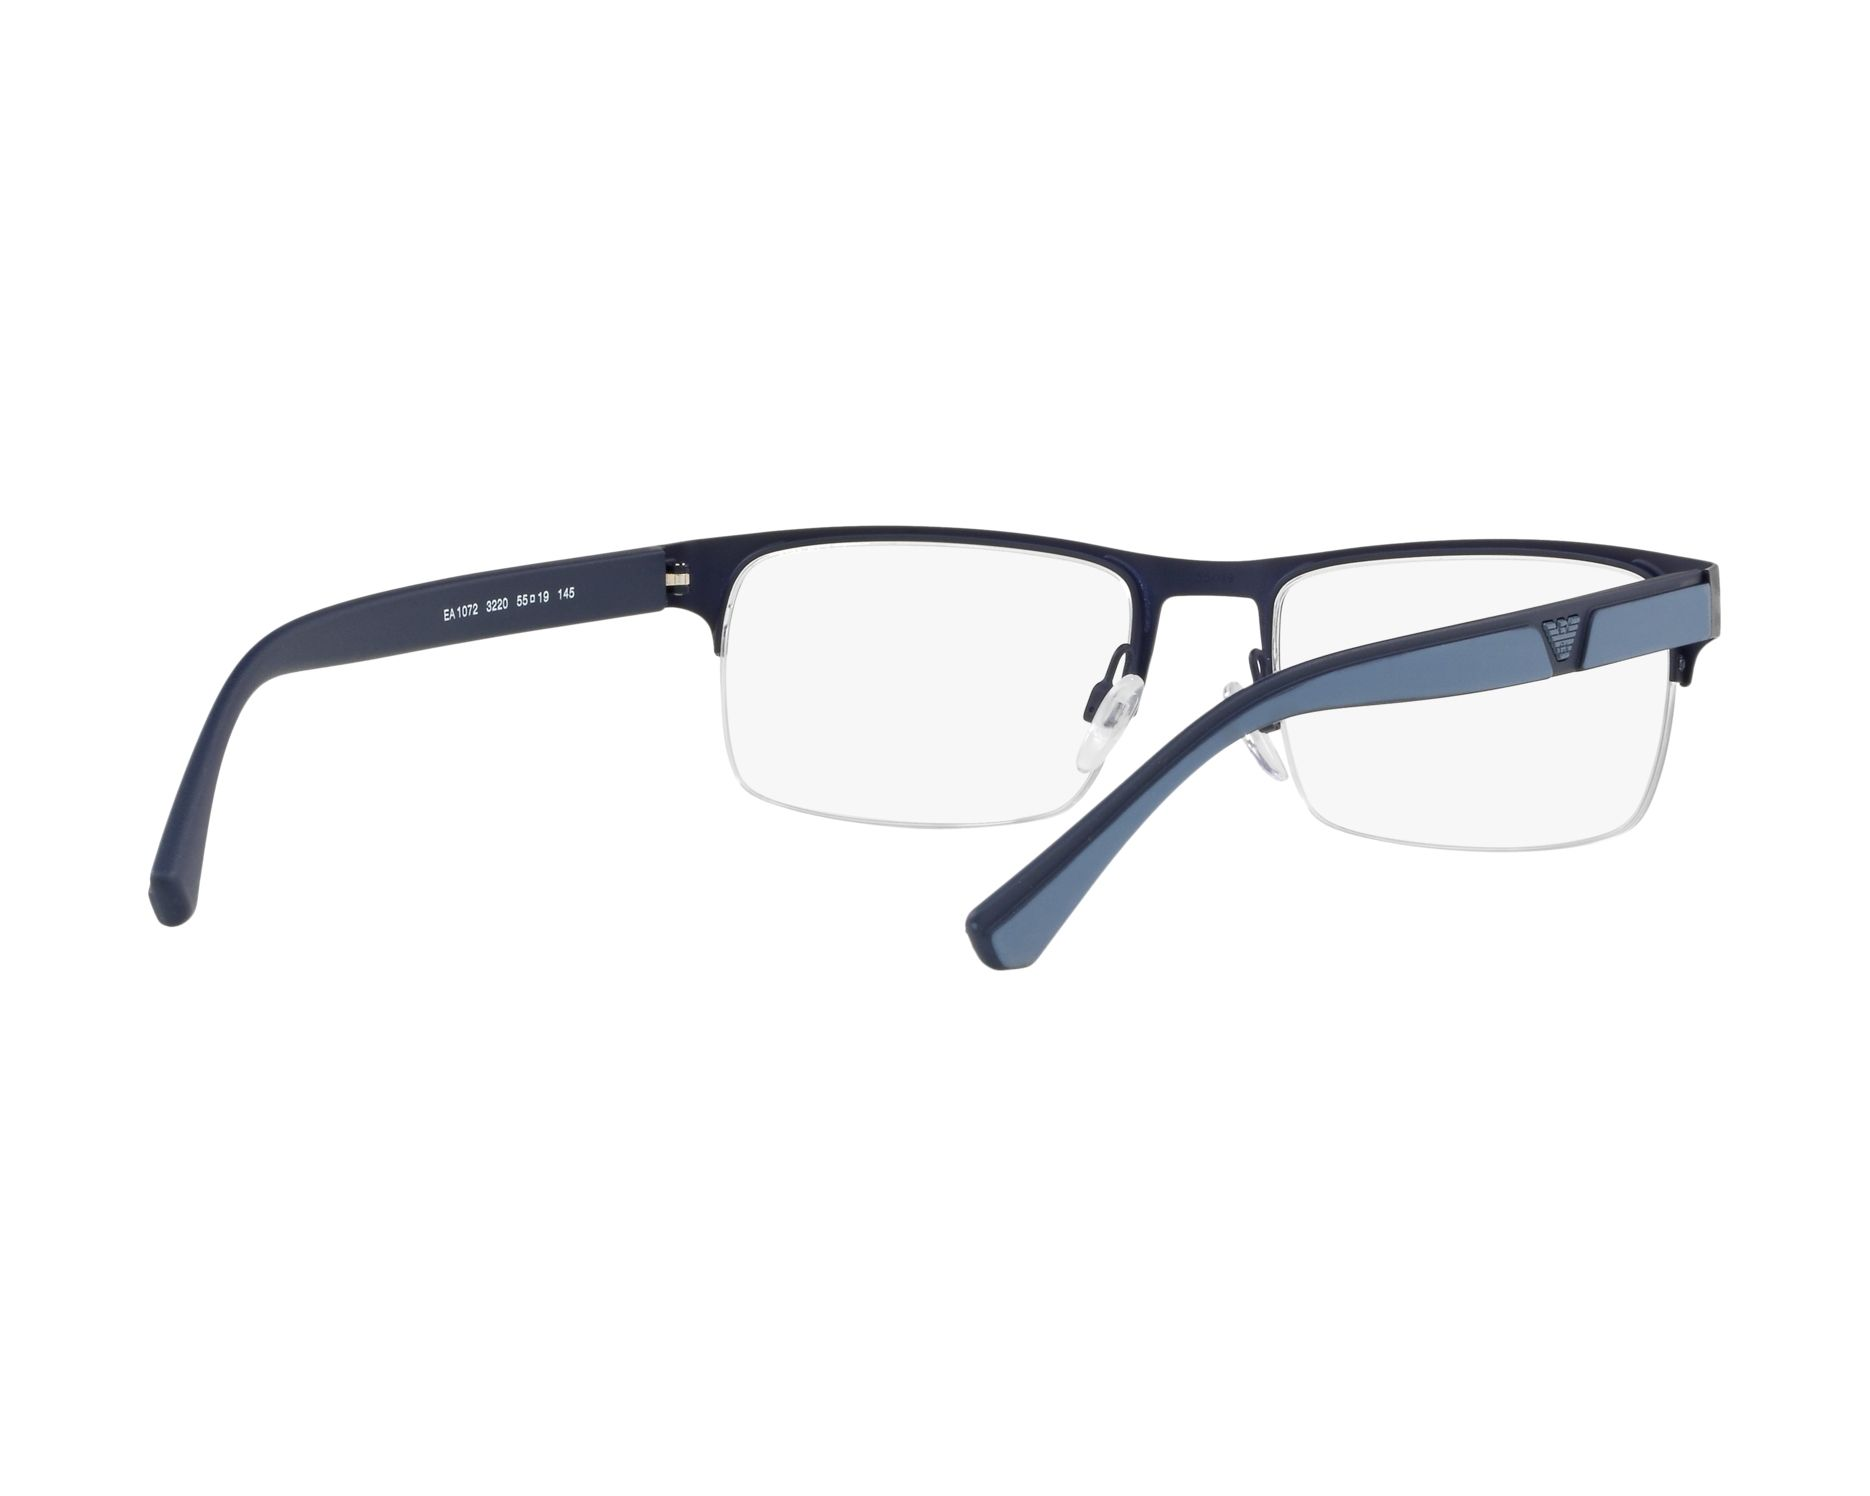 819314b57c eyeglasses Emporio Armani EA-1072 3220 55-19 Blue 360 degree view 8